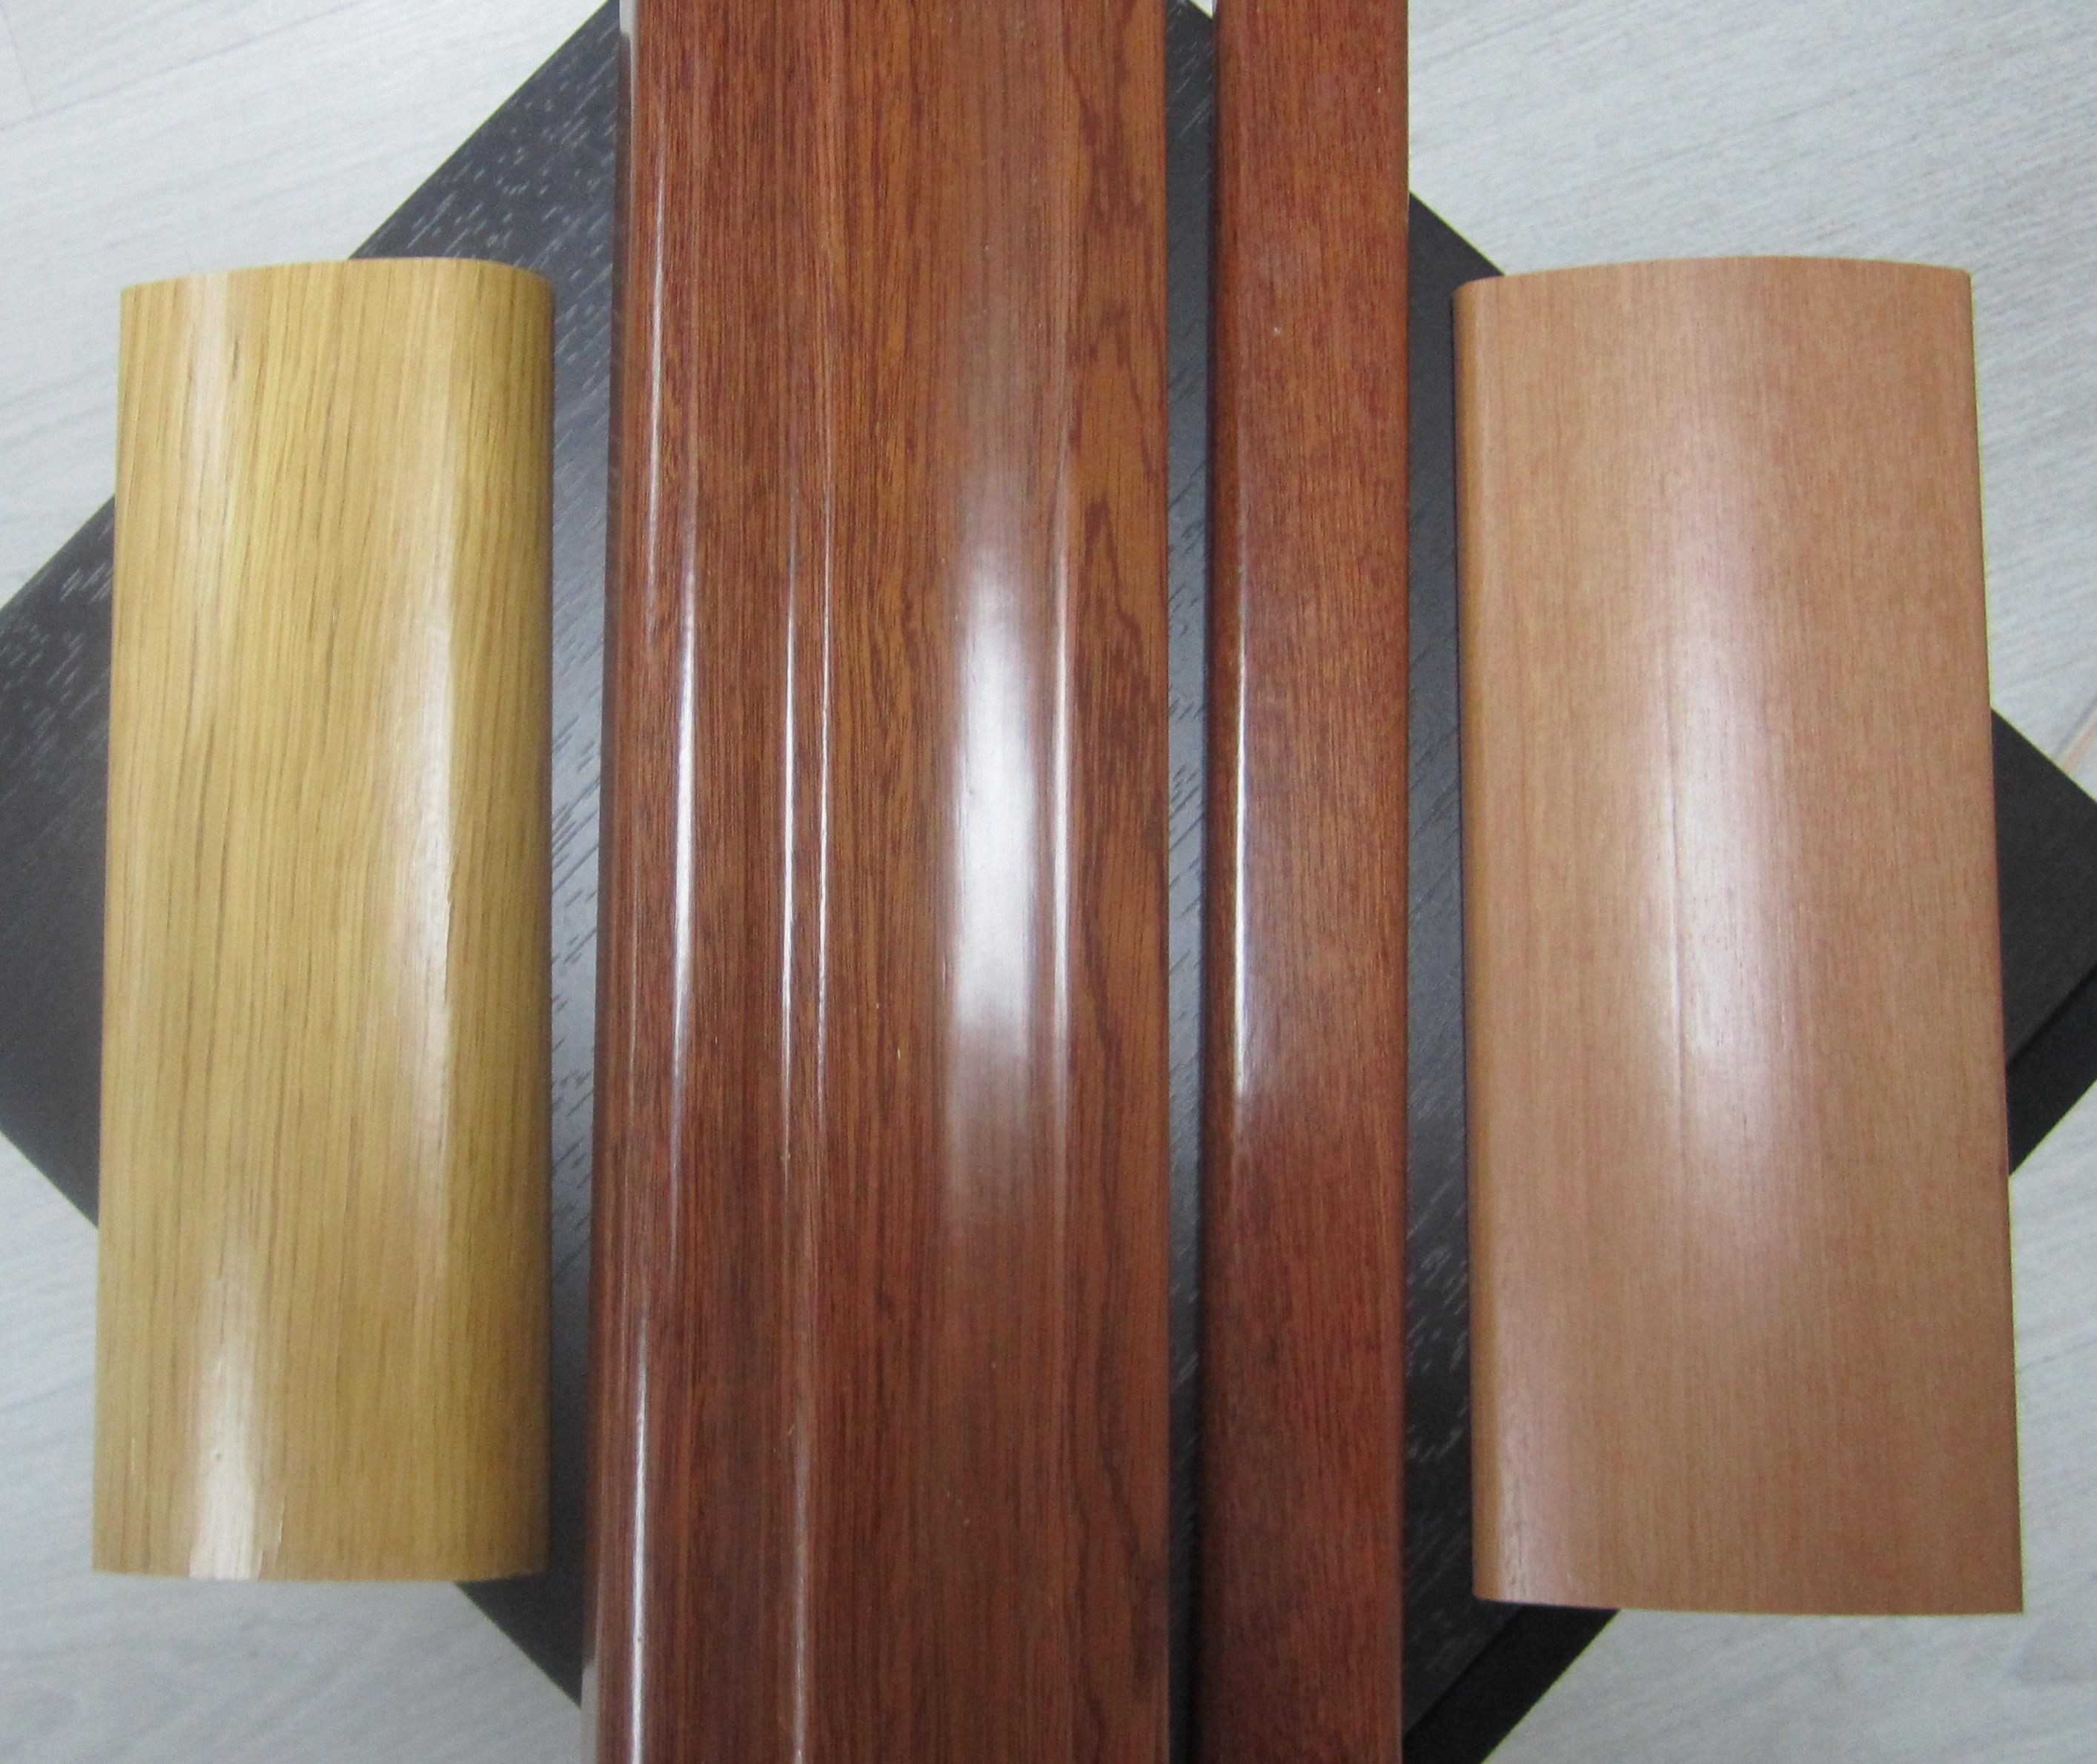 Породы дерева для изготовления дверей